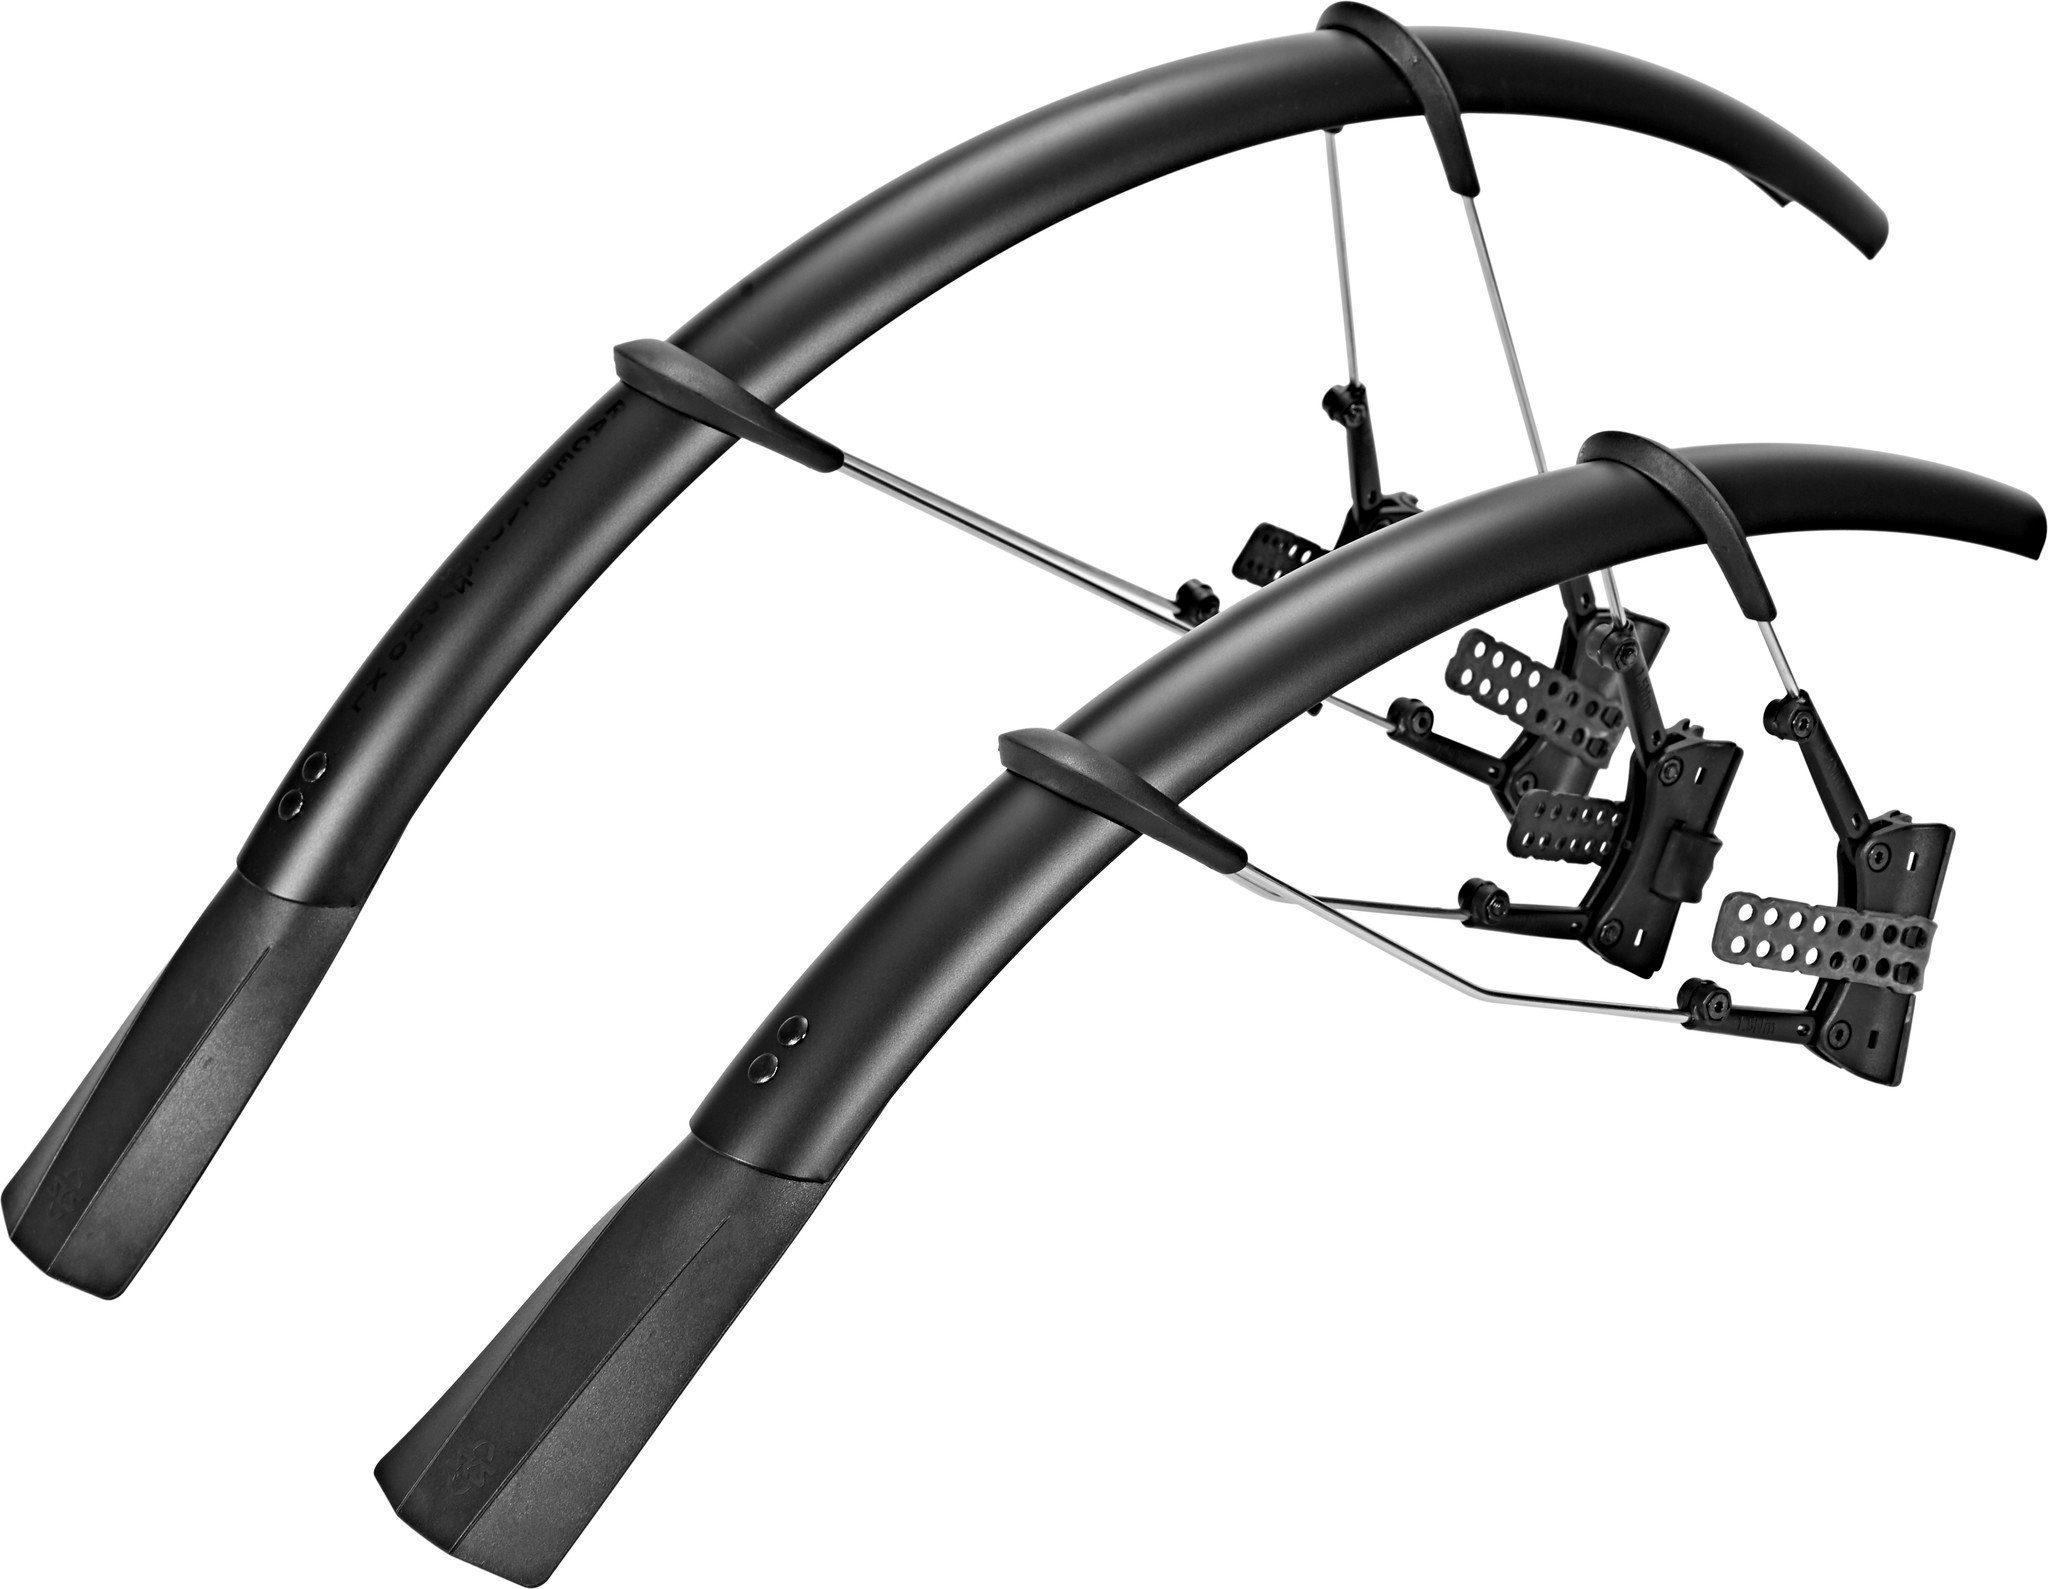 SKS Schutzblech »Raceblade Pro XL Schutzblech«